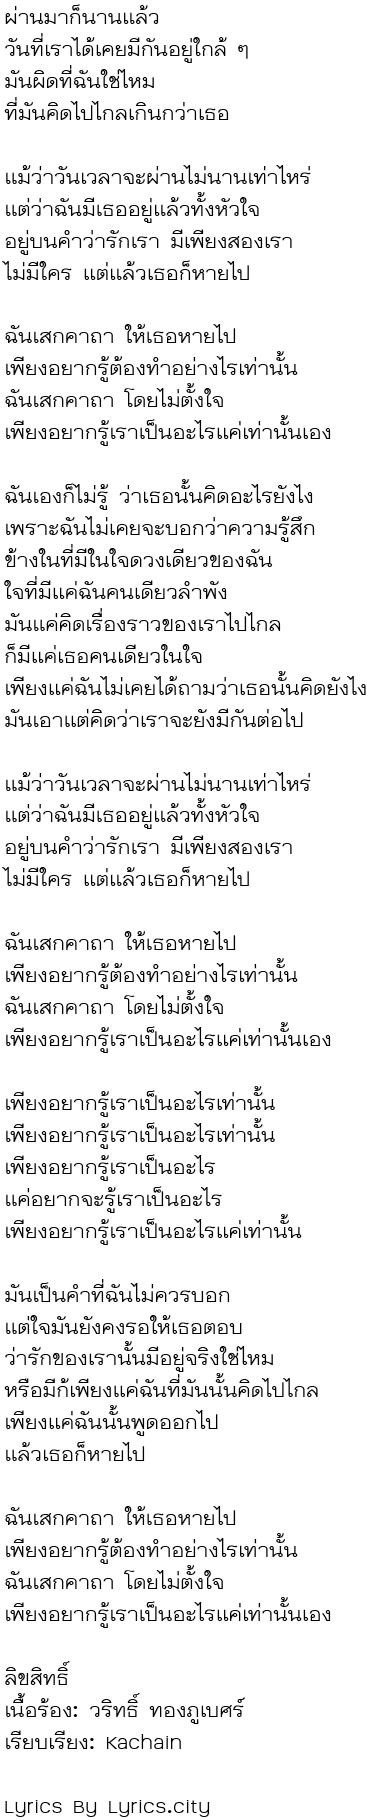 เนื้อเพลง เสกคาถา (Sekka) - Kachain